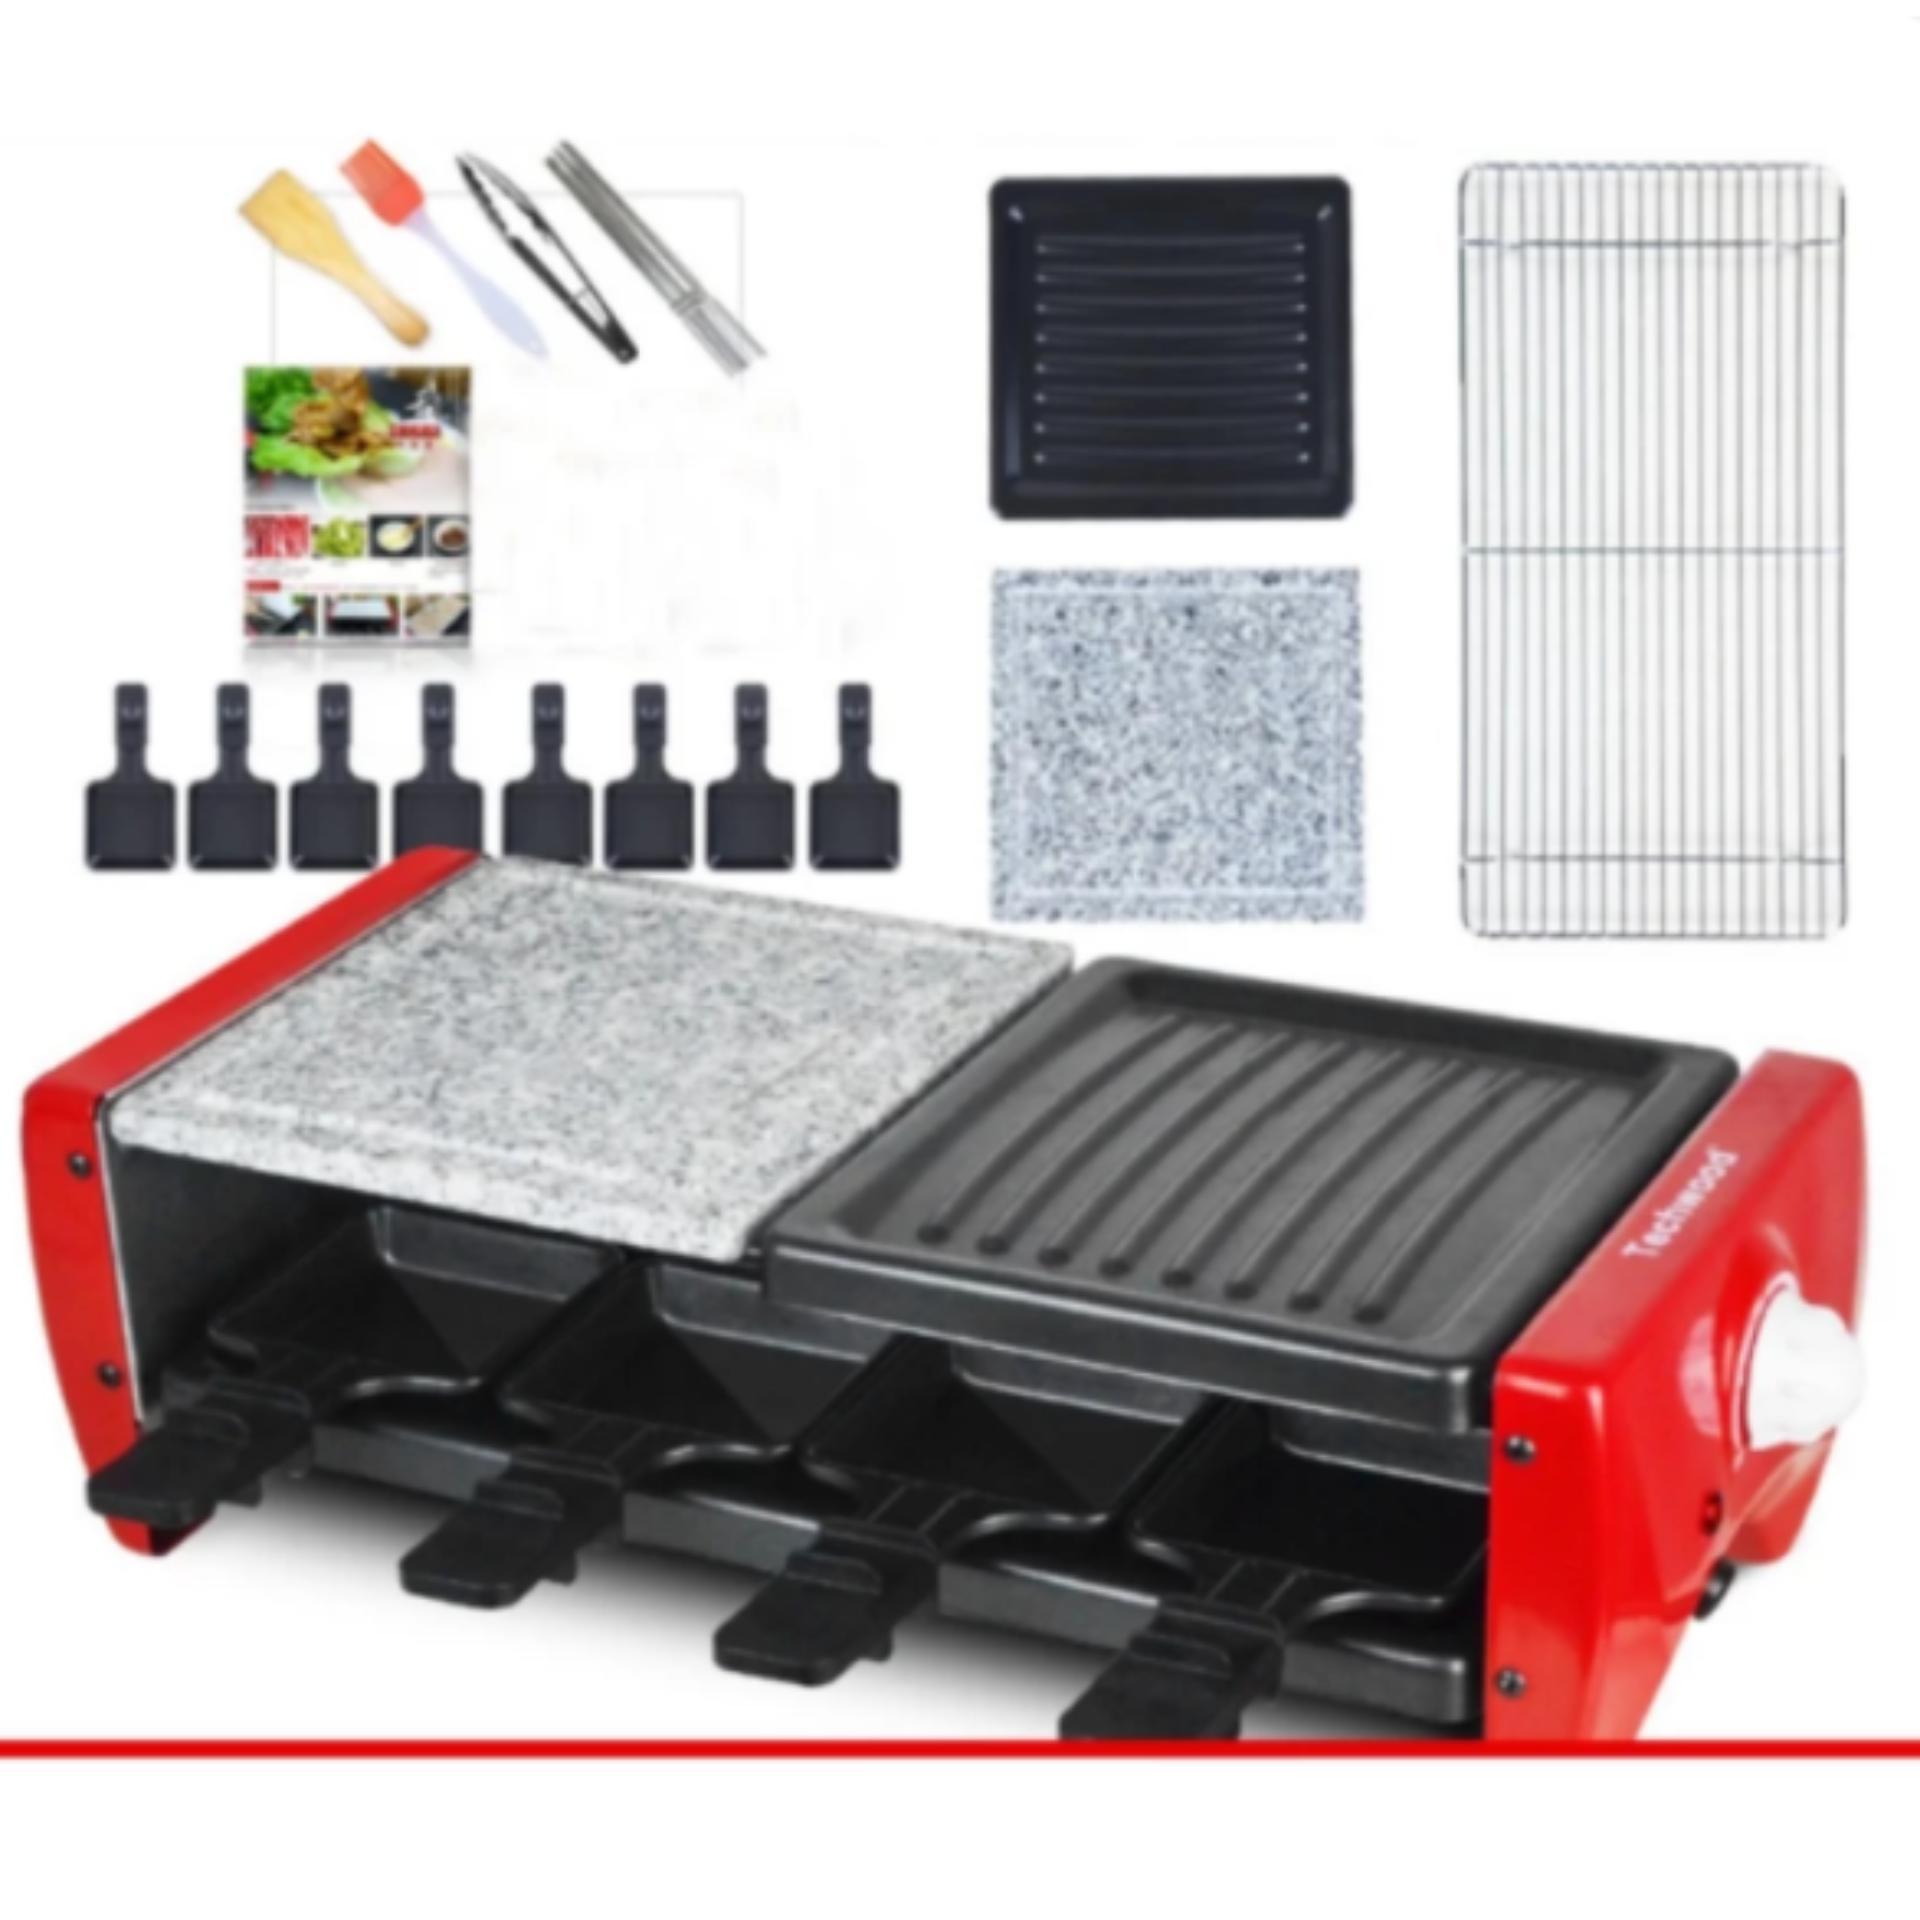 combo Bếp nướng điện 2 tầng Techwood 1350w và bộ dụng cụ nướng